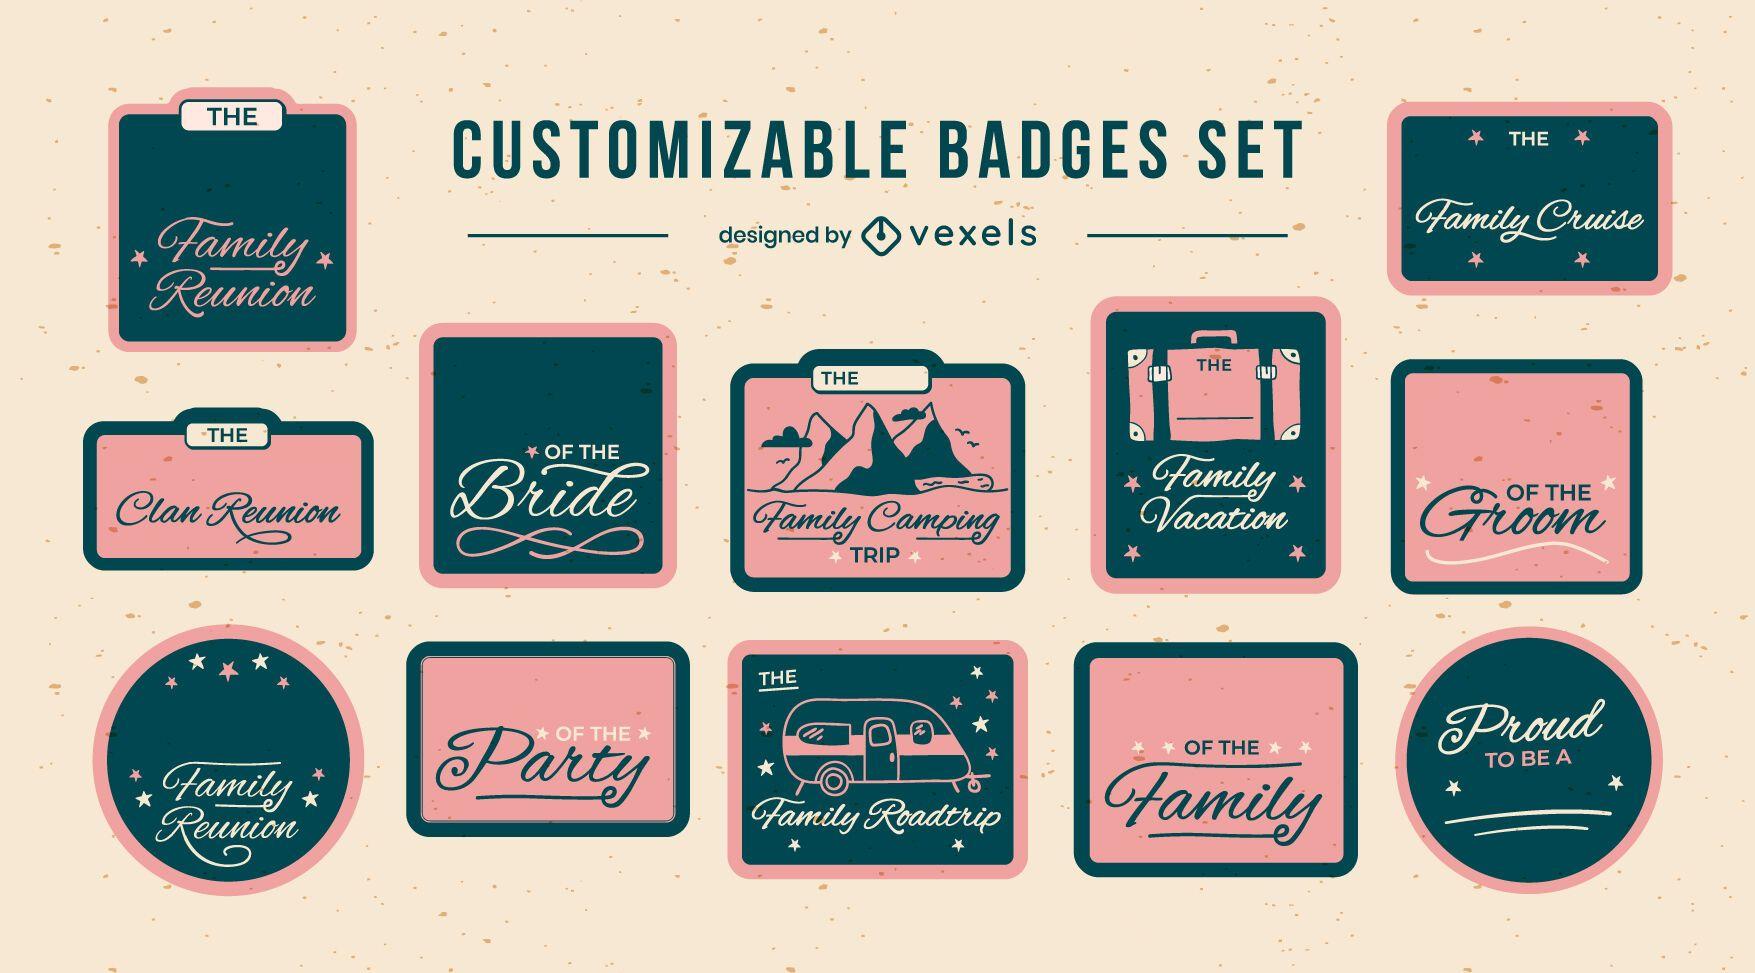 Conjunto personalizable de insignias de letras familiares